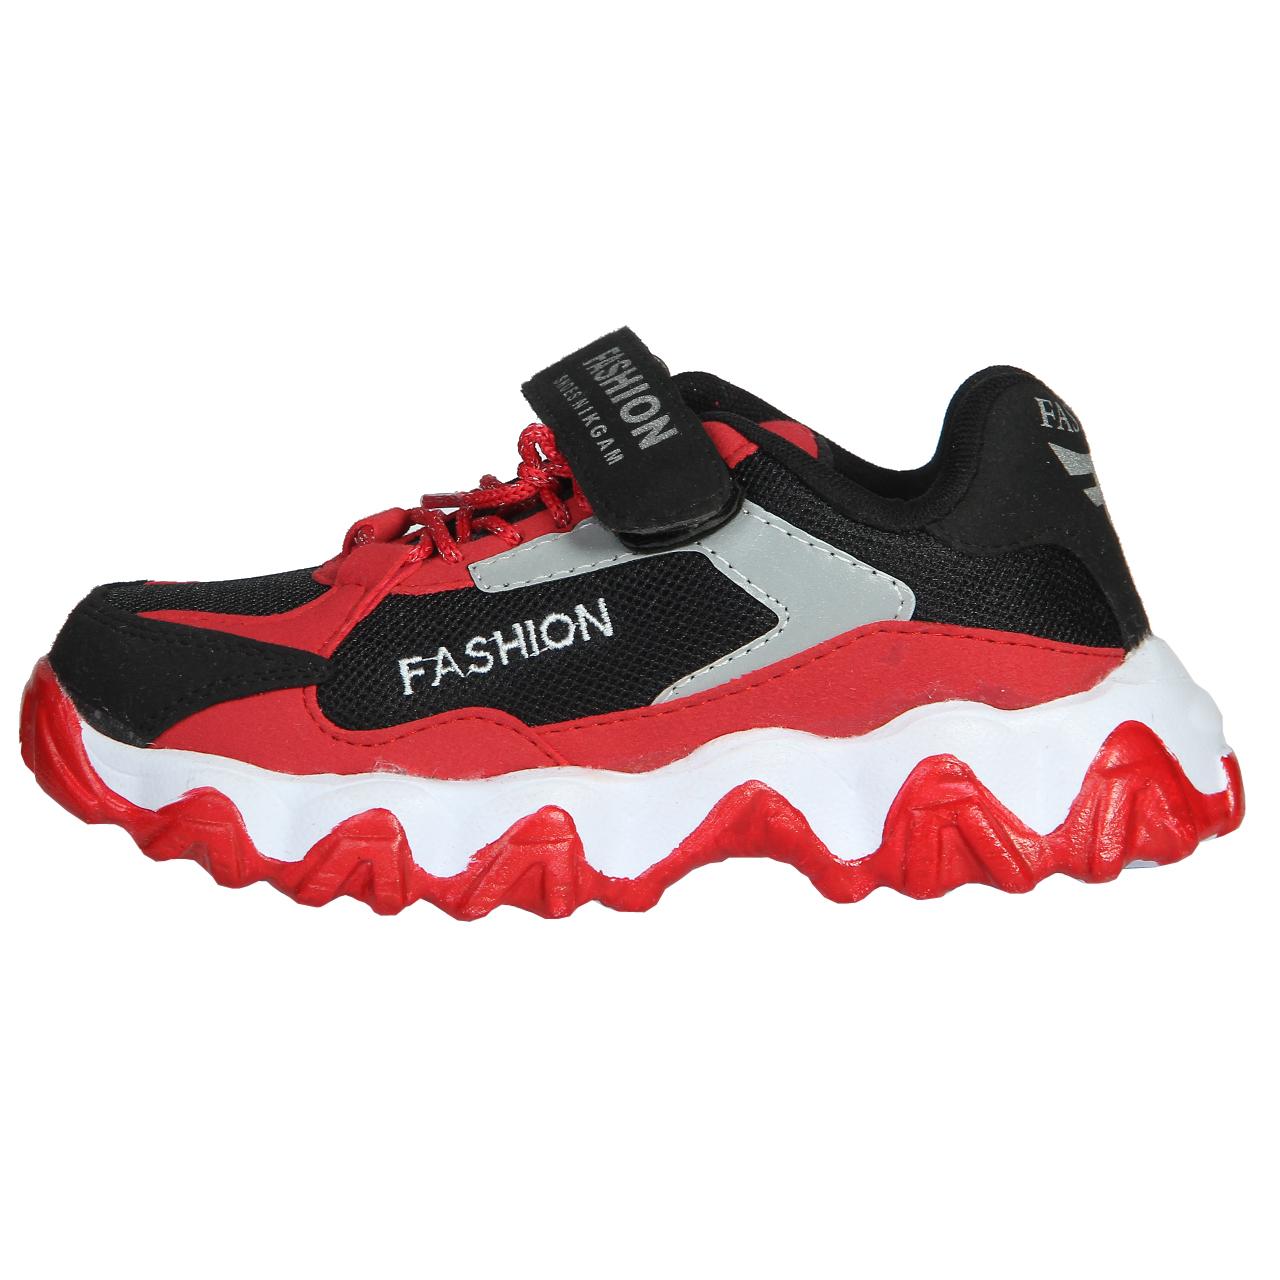 کفش مخصوص پیاده روی بچگانه کد 32201